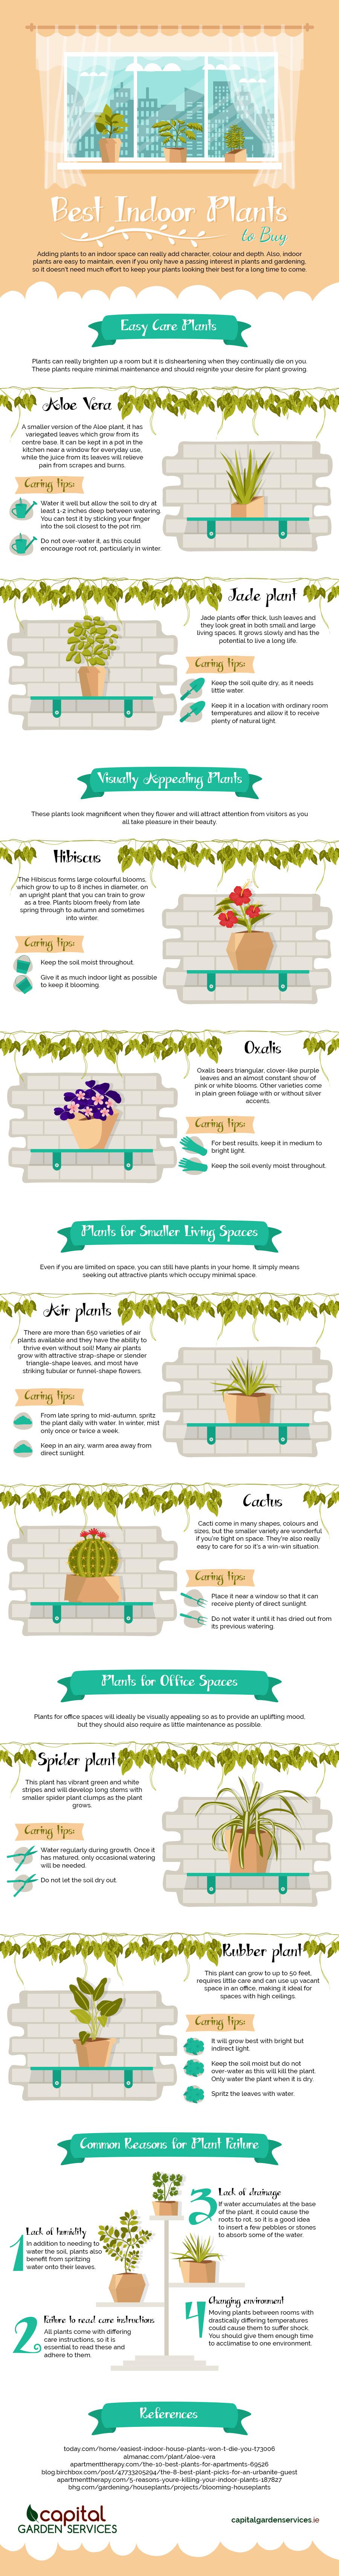 Best Indoor Plants to Buy